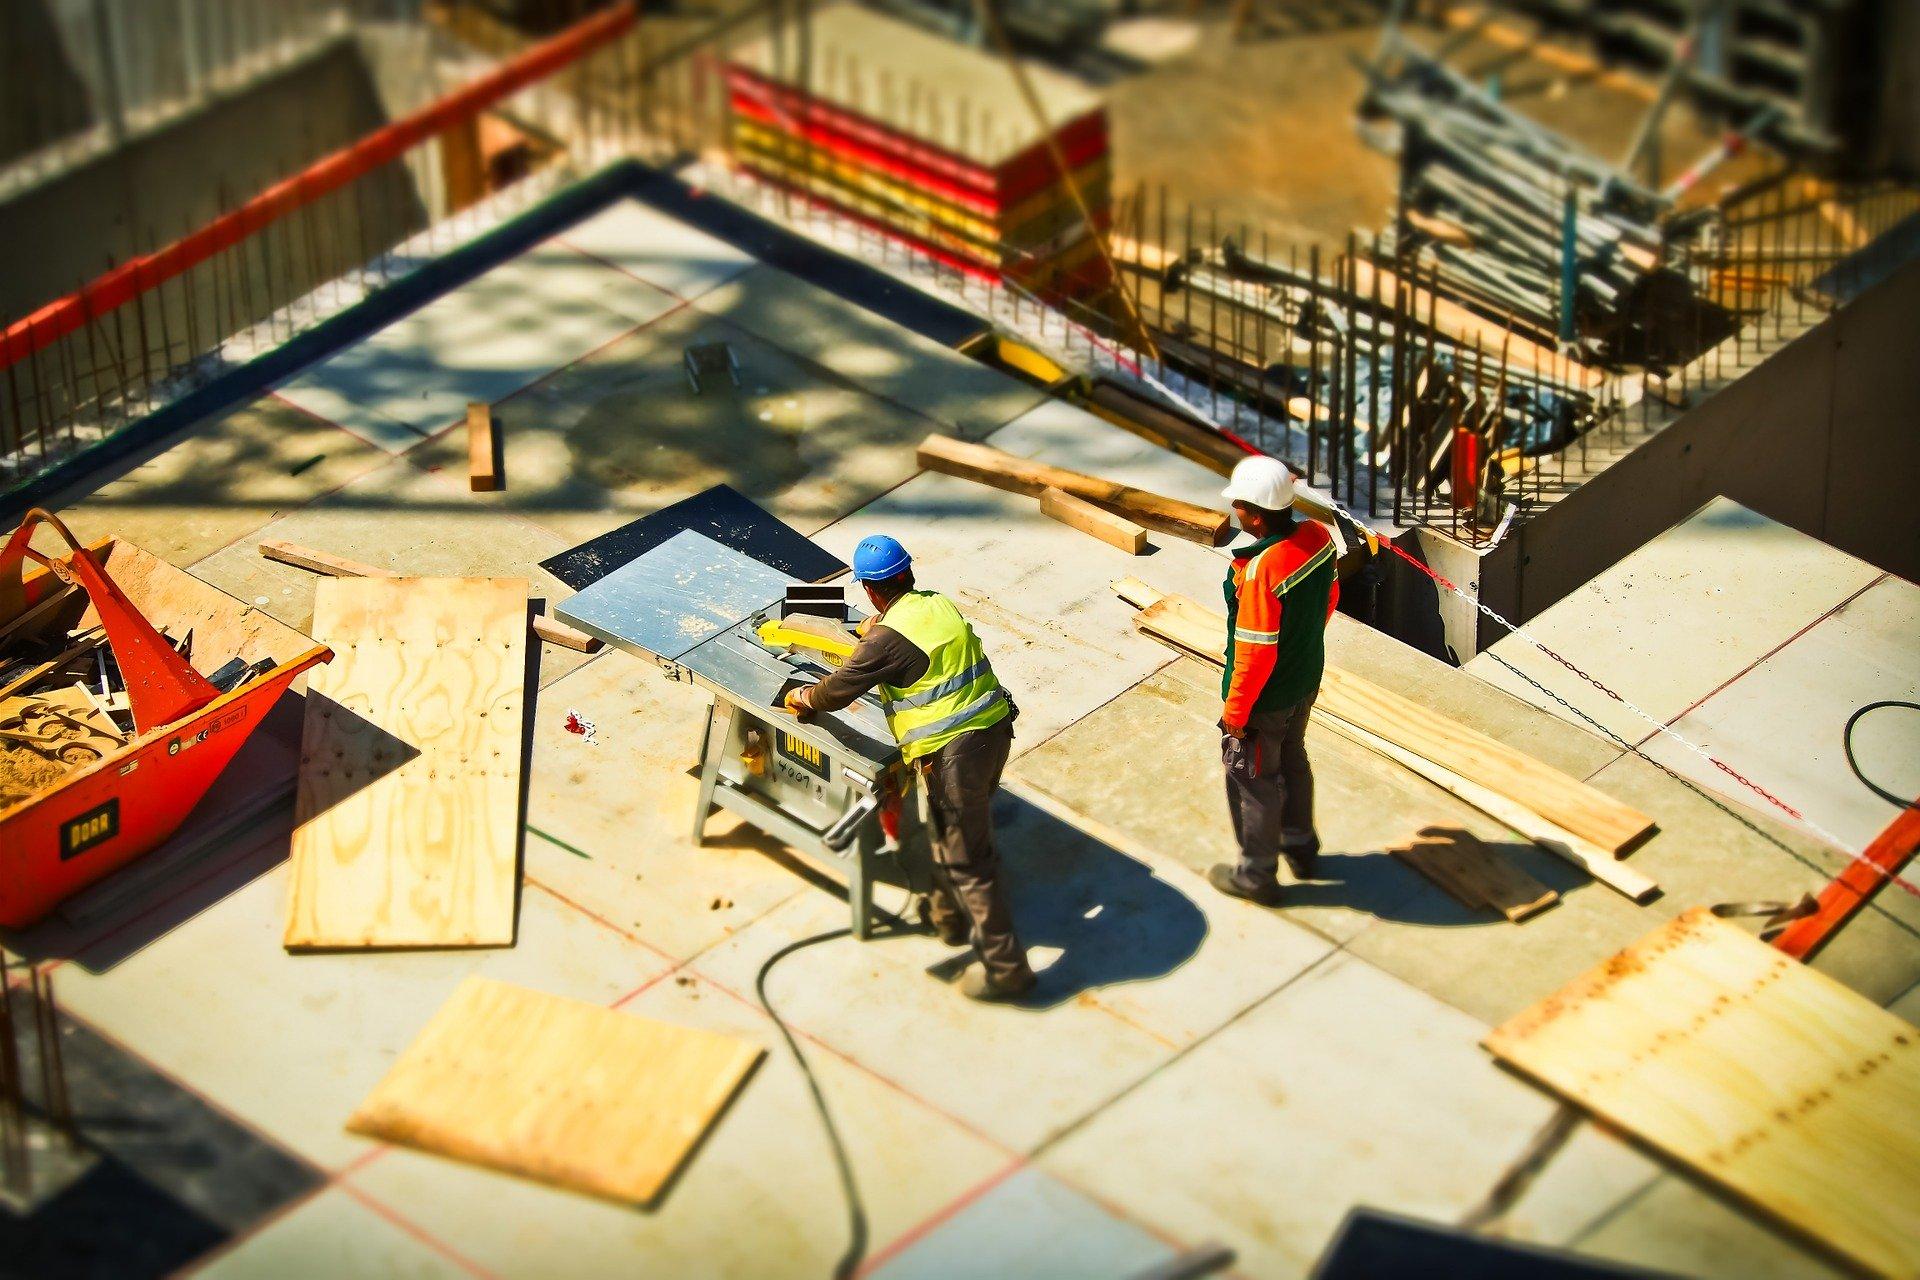 A fost publicată Ordonanța nr. 15 din 30 august 2021, ce soluționează problema creșterii prețurilor materialelor de construcții